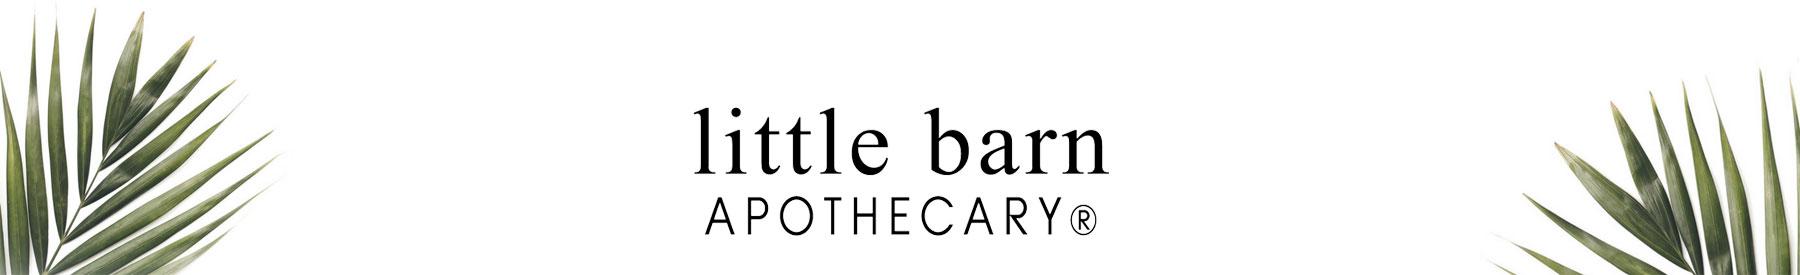 HAUS Salon Shop Little Barn Apothecary